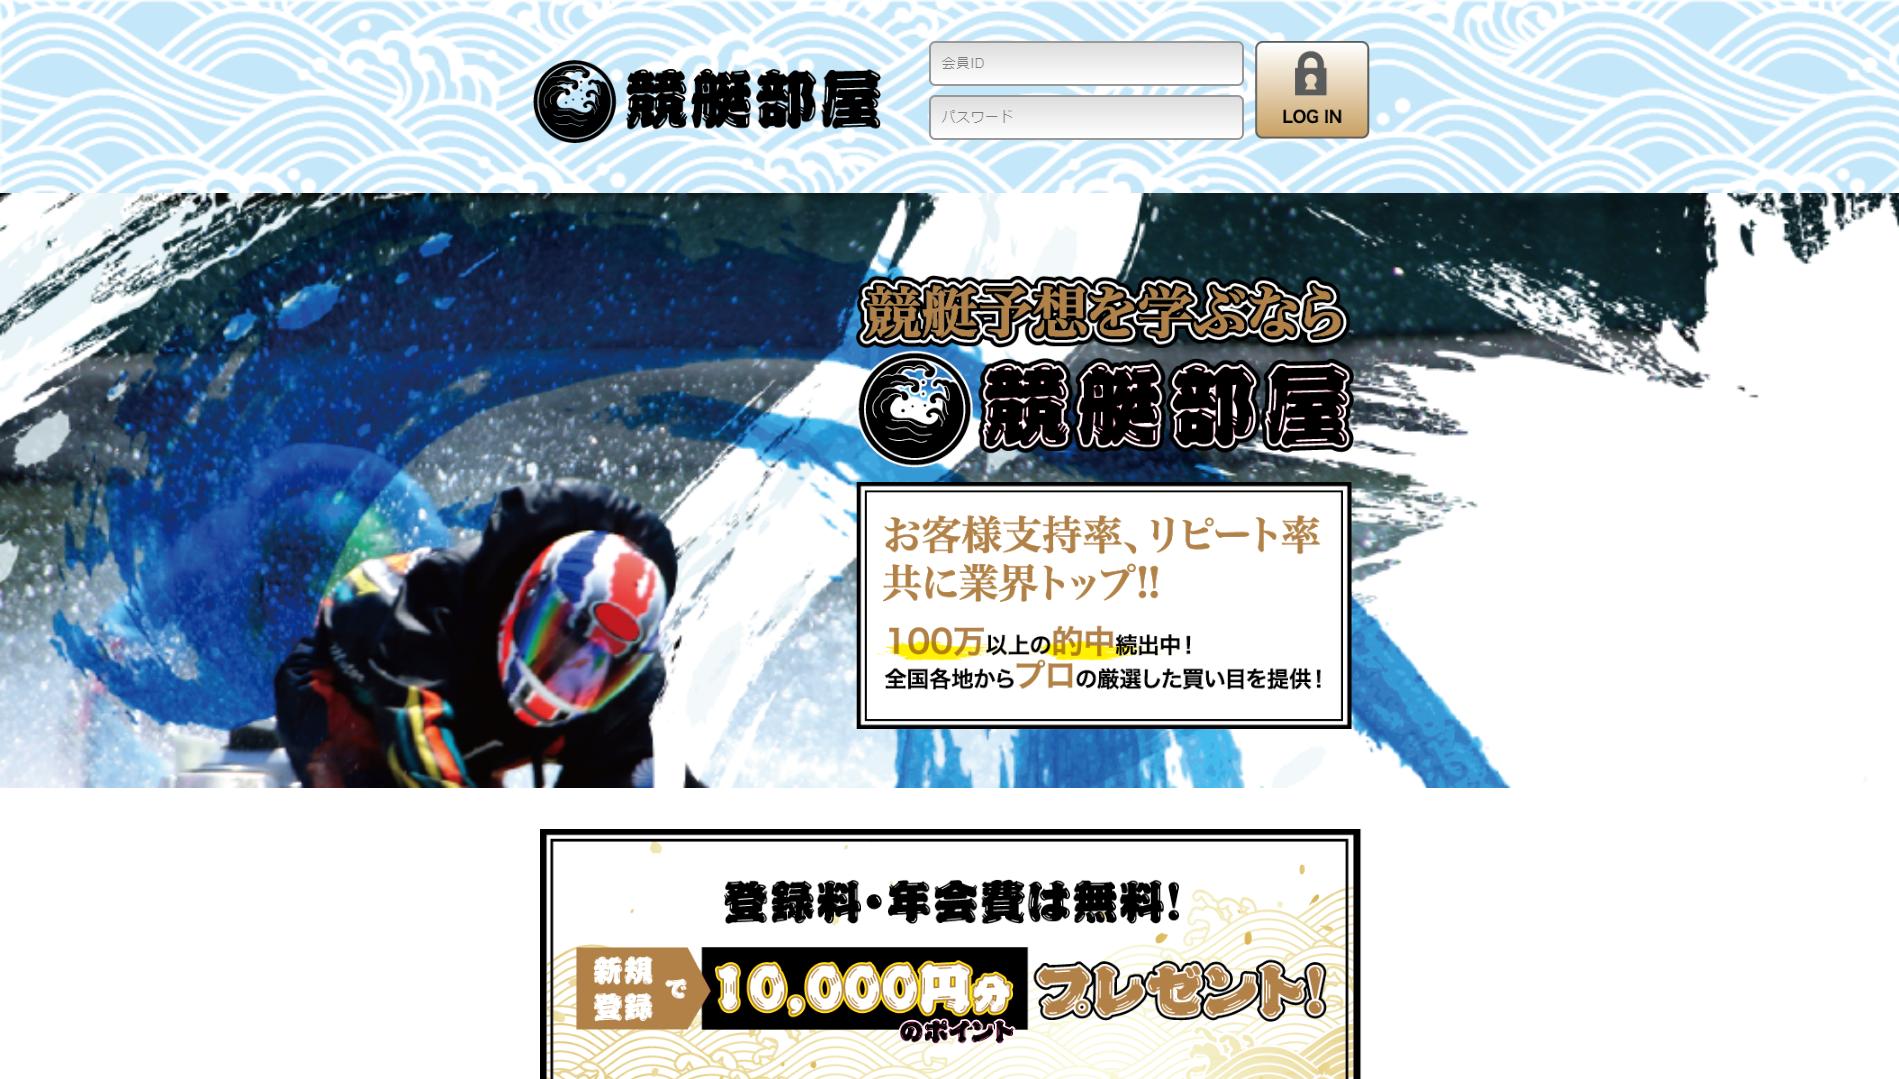 悪徳・悪質競艇(ボートレース)予想サイト 競艇部屋